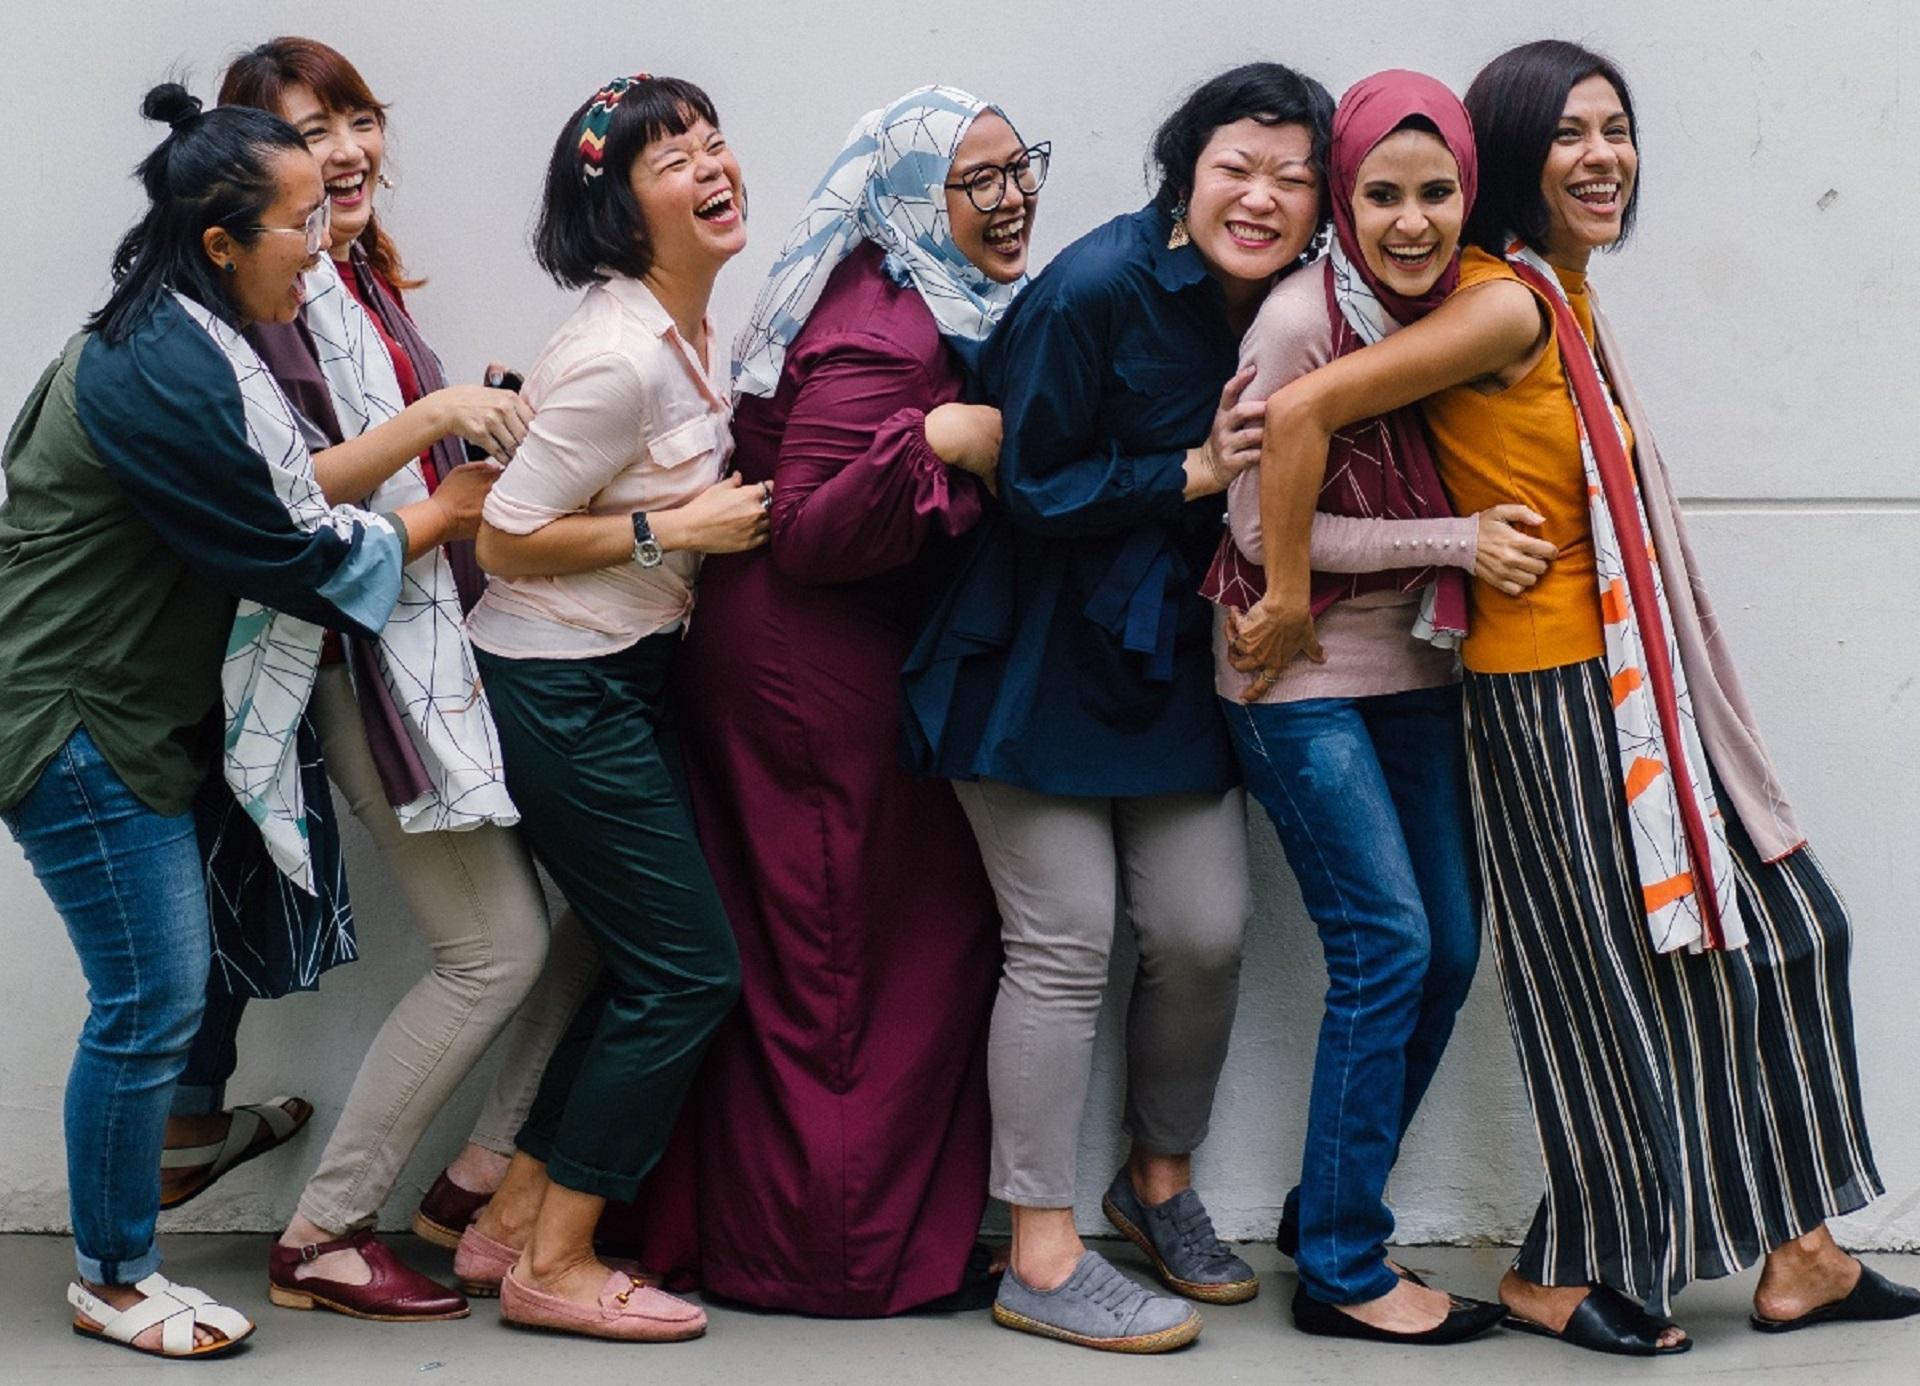 dzien kobiet - Blog